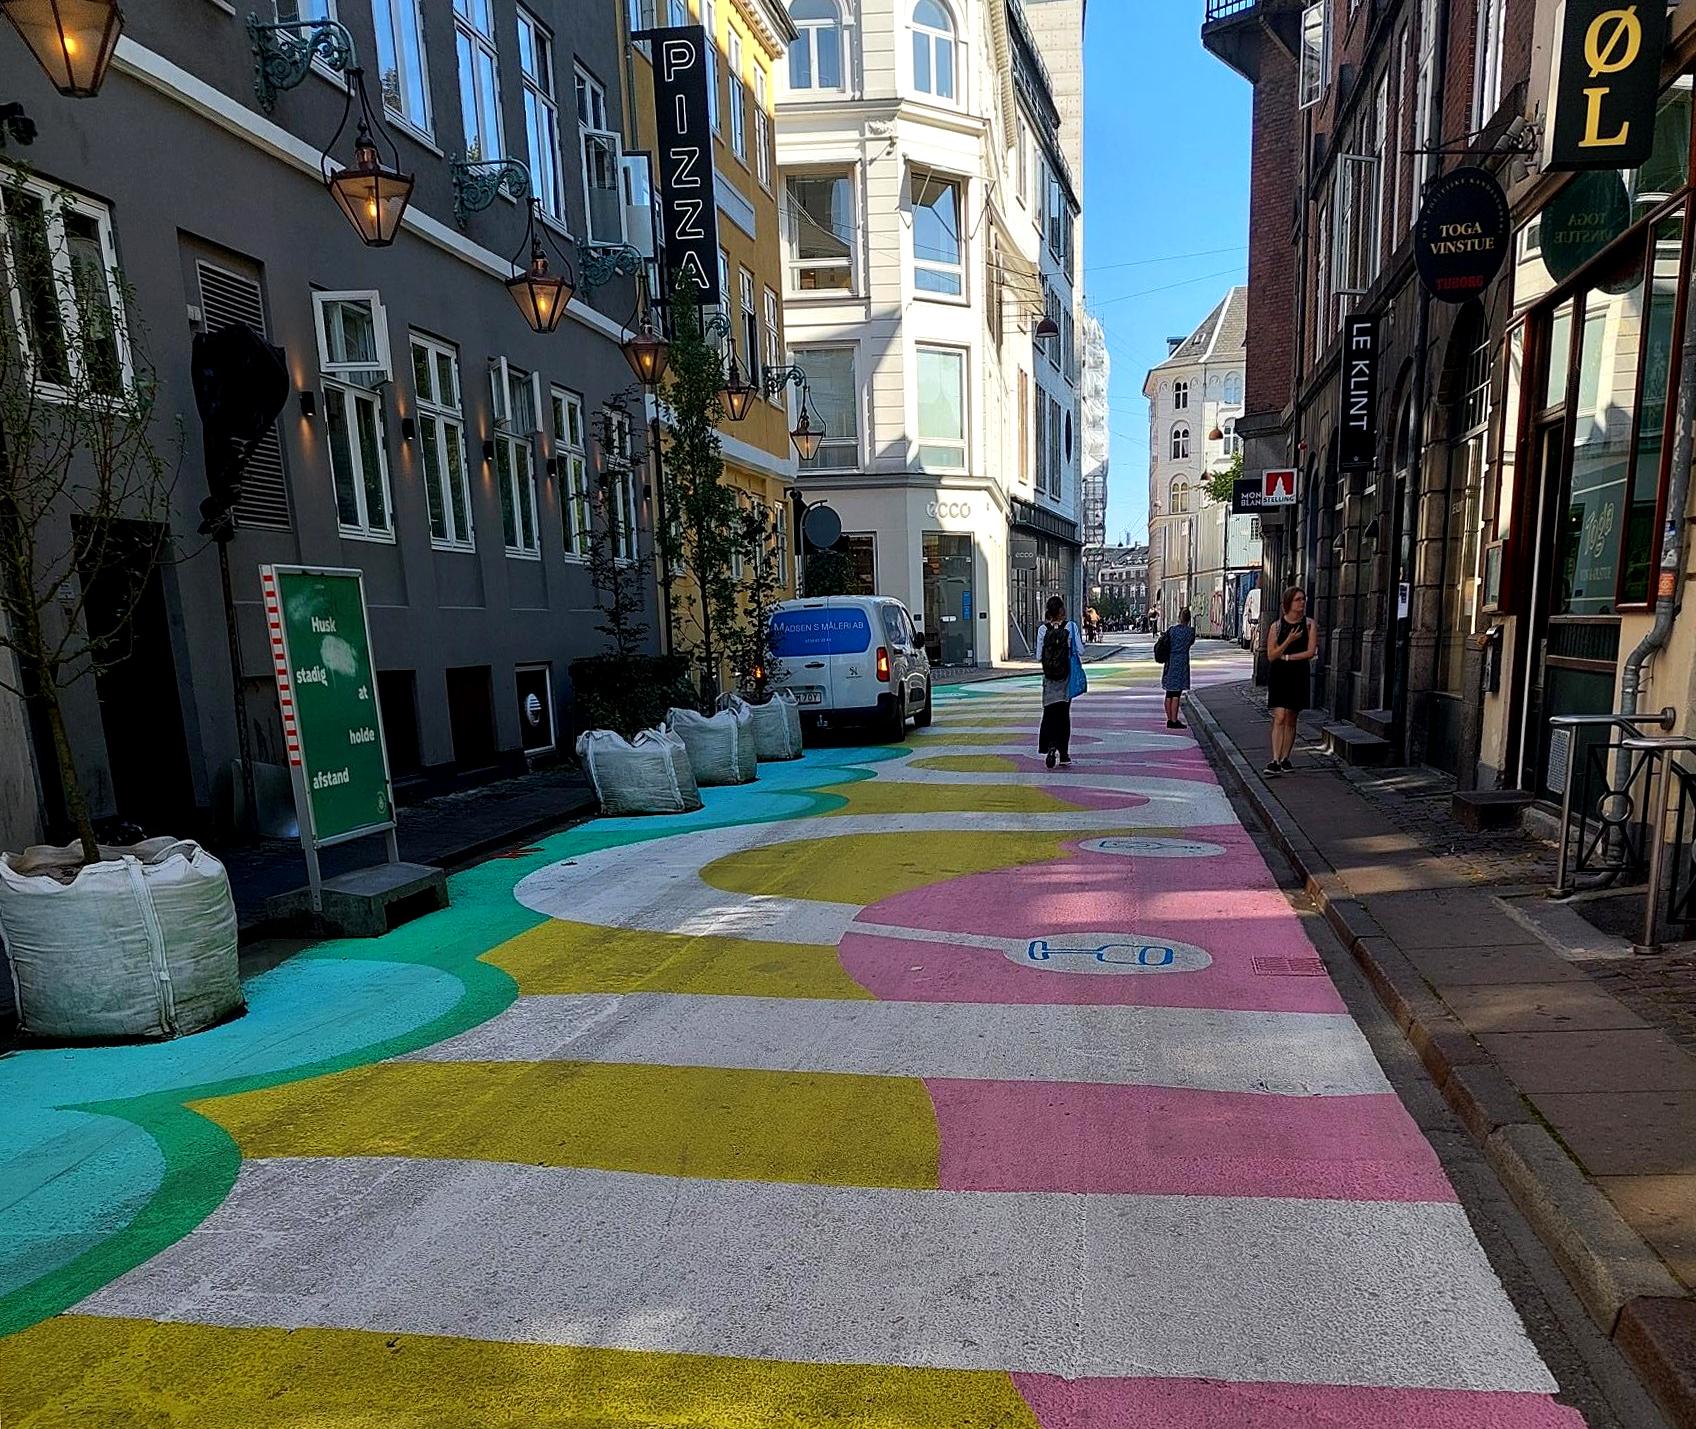 Värikäs katu Kööpenhaminassa, valokuva.